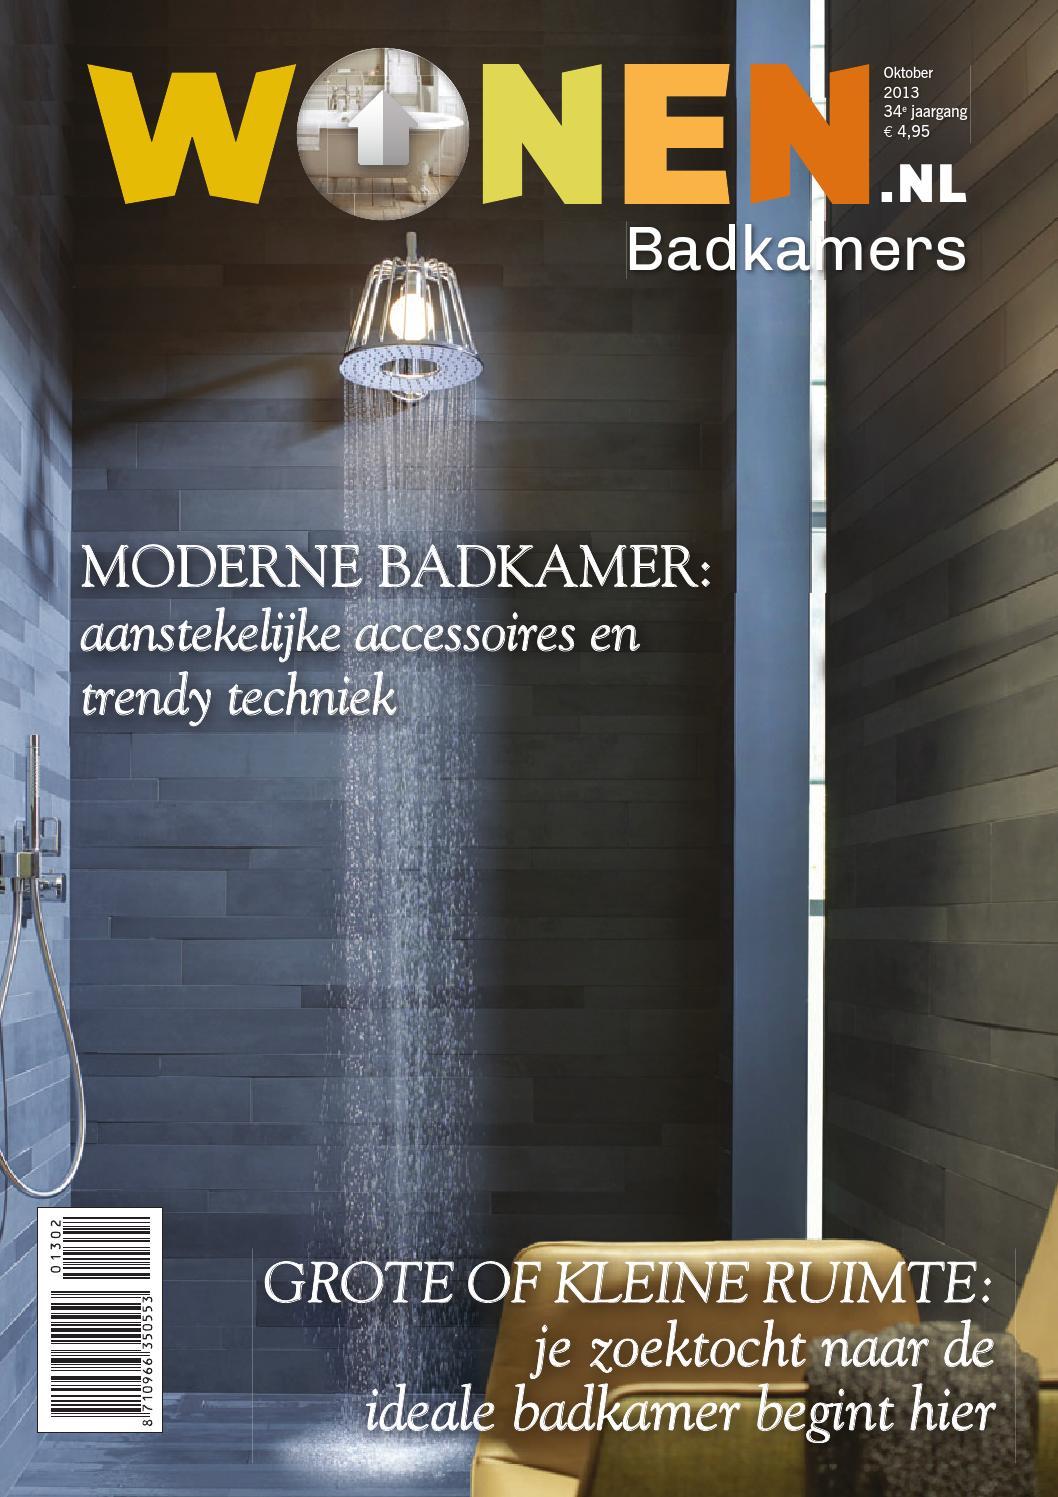 Wonen.nl Badkamers 2013-2 by Wonen Media - issuu